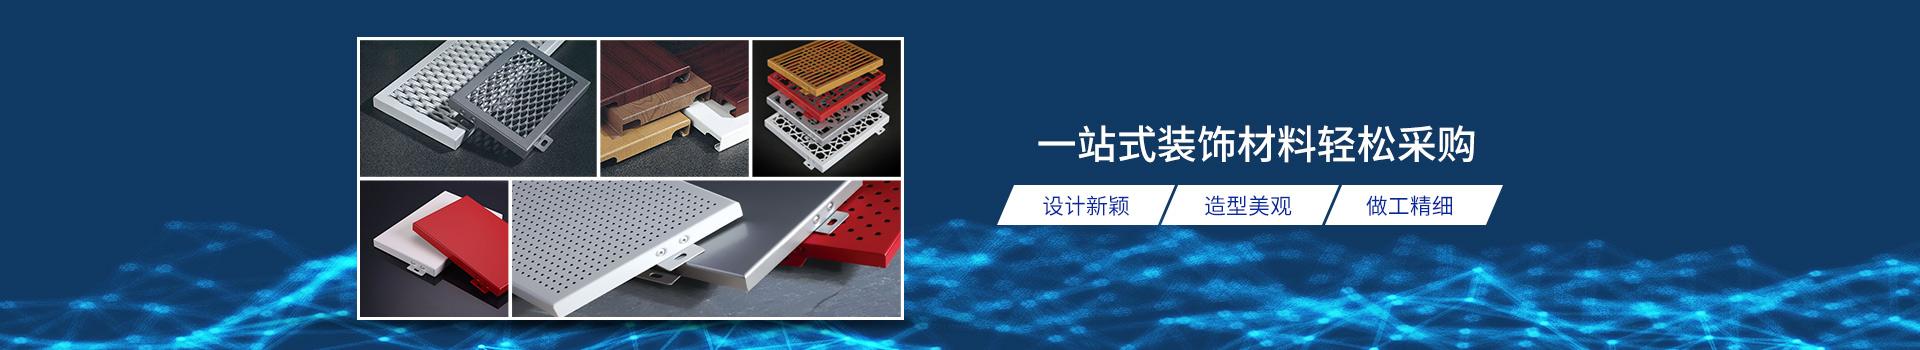 中陆建材-一站式装饰材料轻松采购